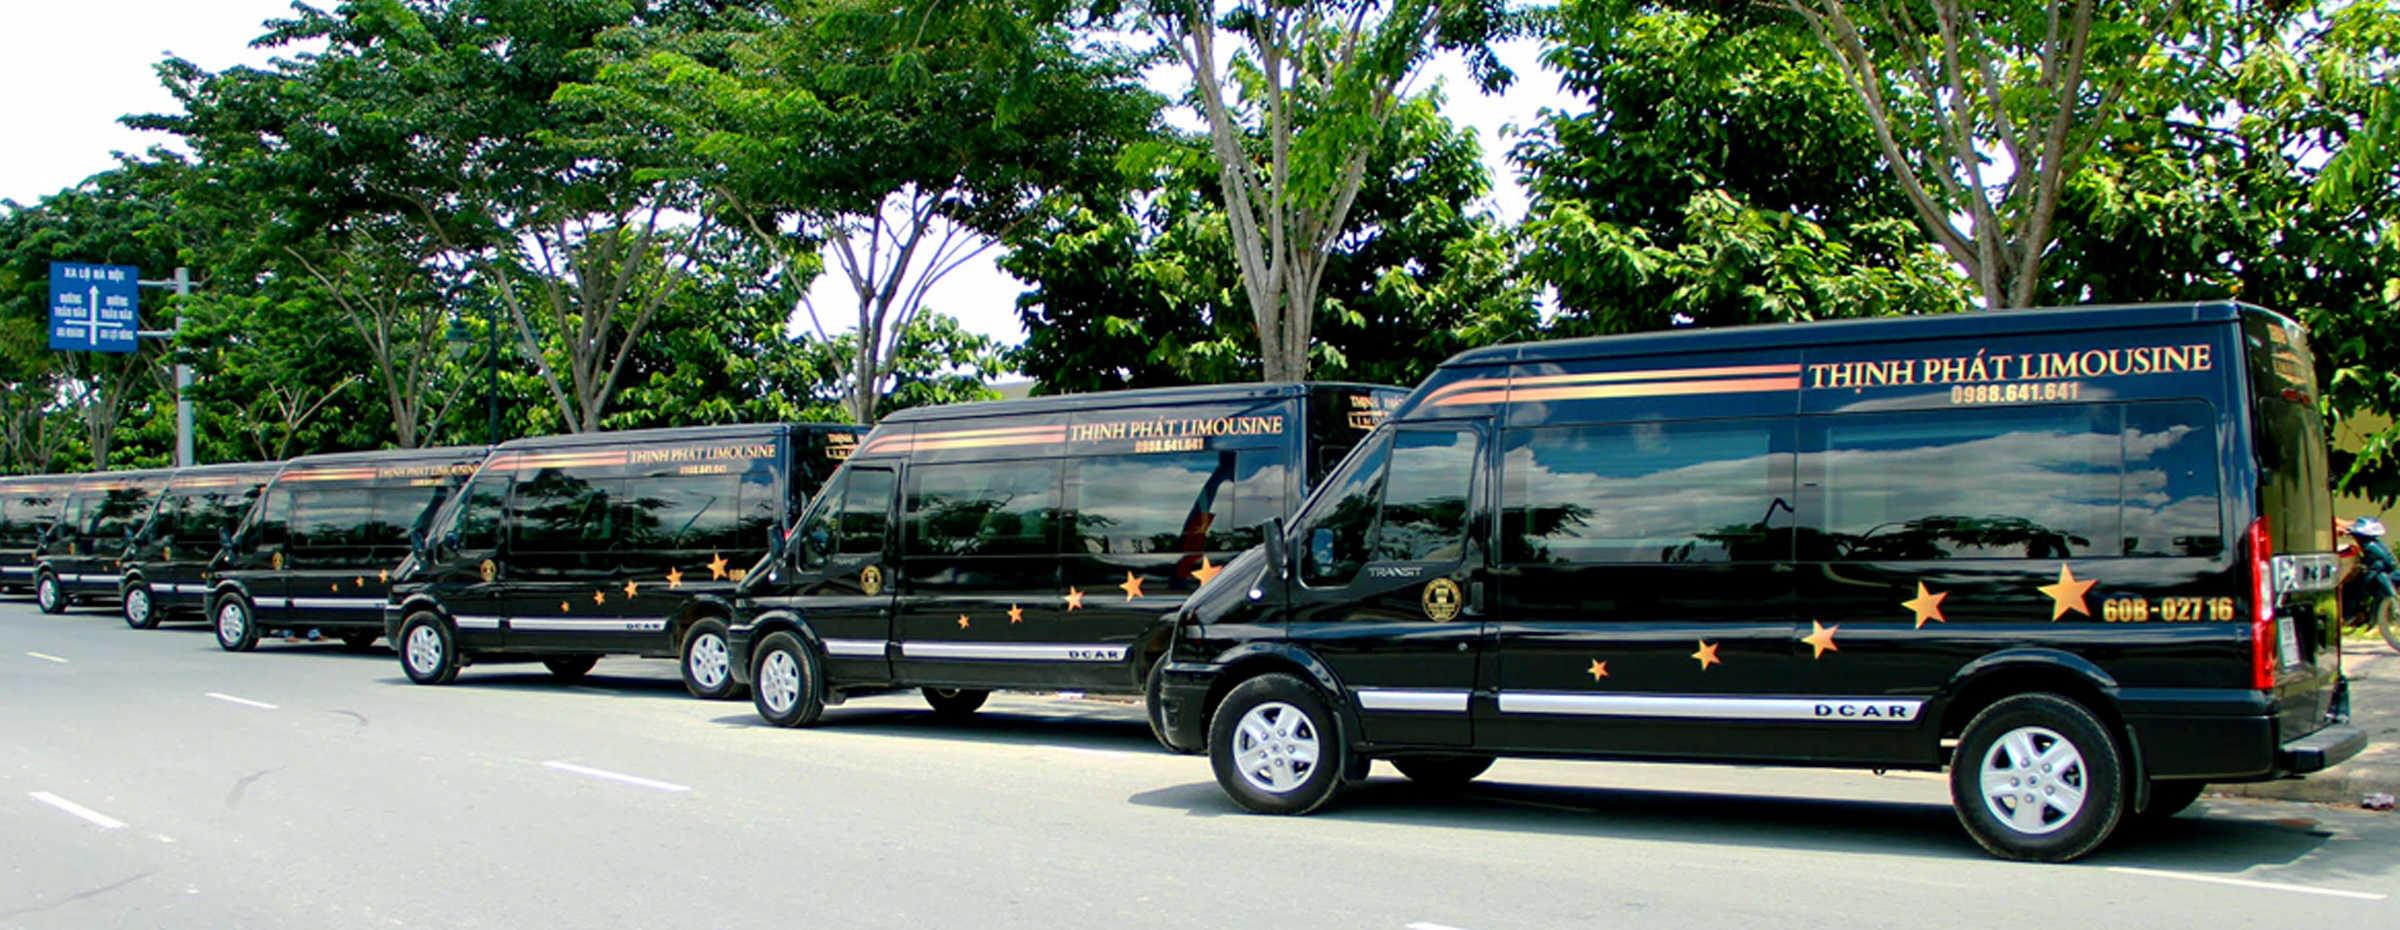 Xe Thịnh Phát Limousine đi Nha Trang.